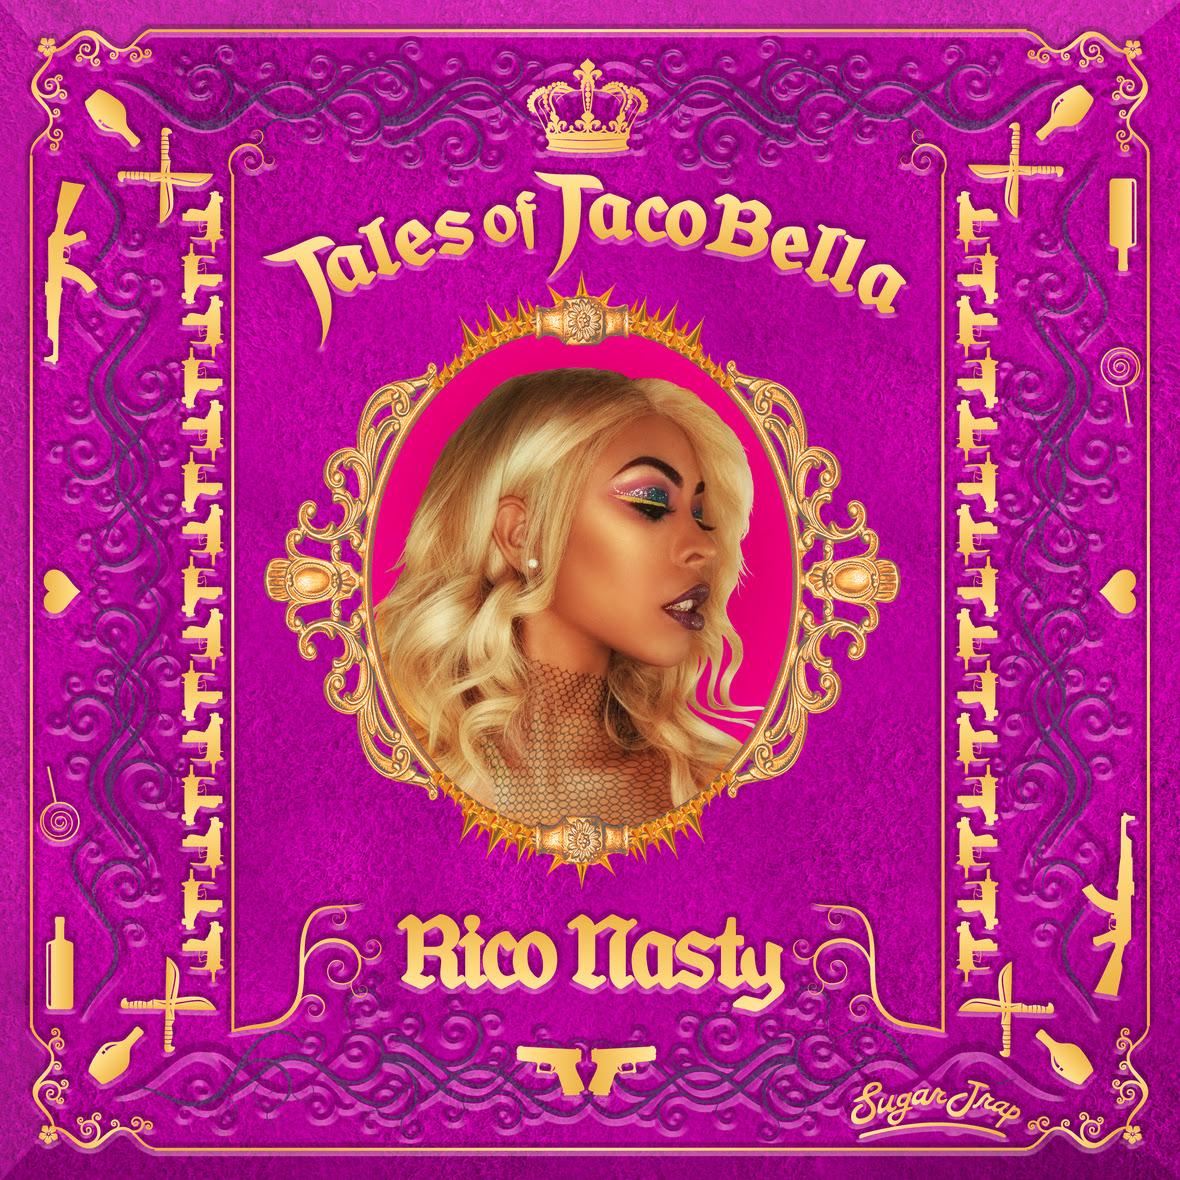 Rico Nasty Drops 'Tales of Tacobella'